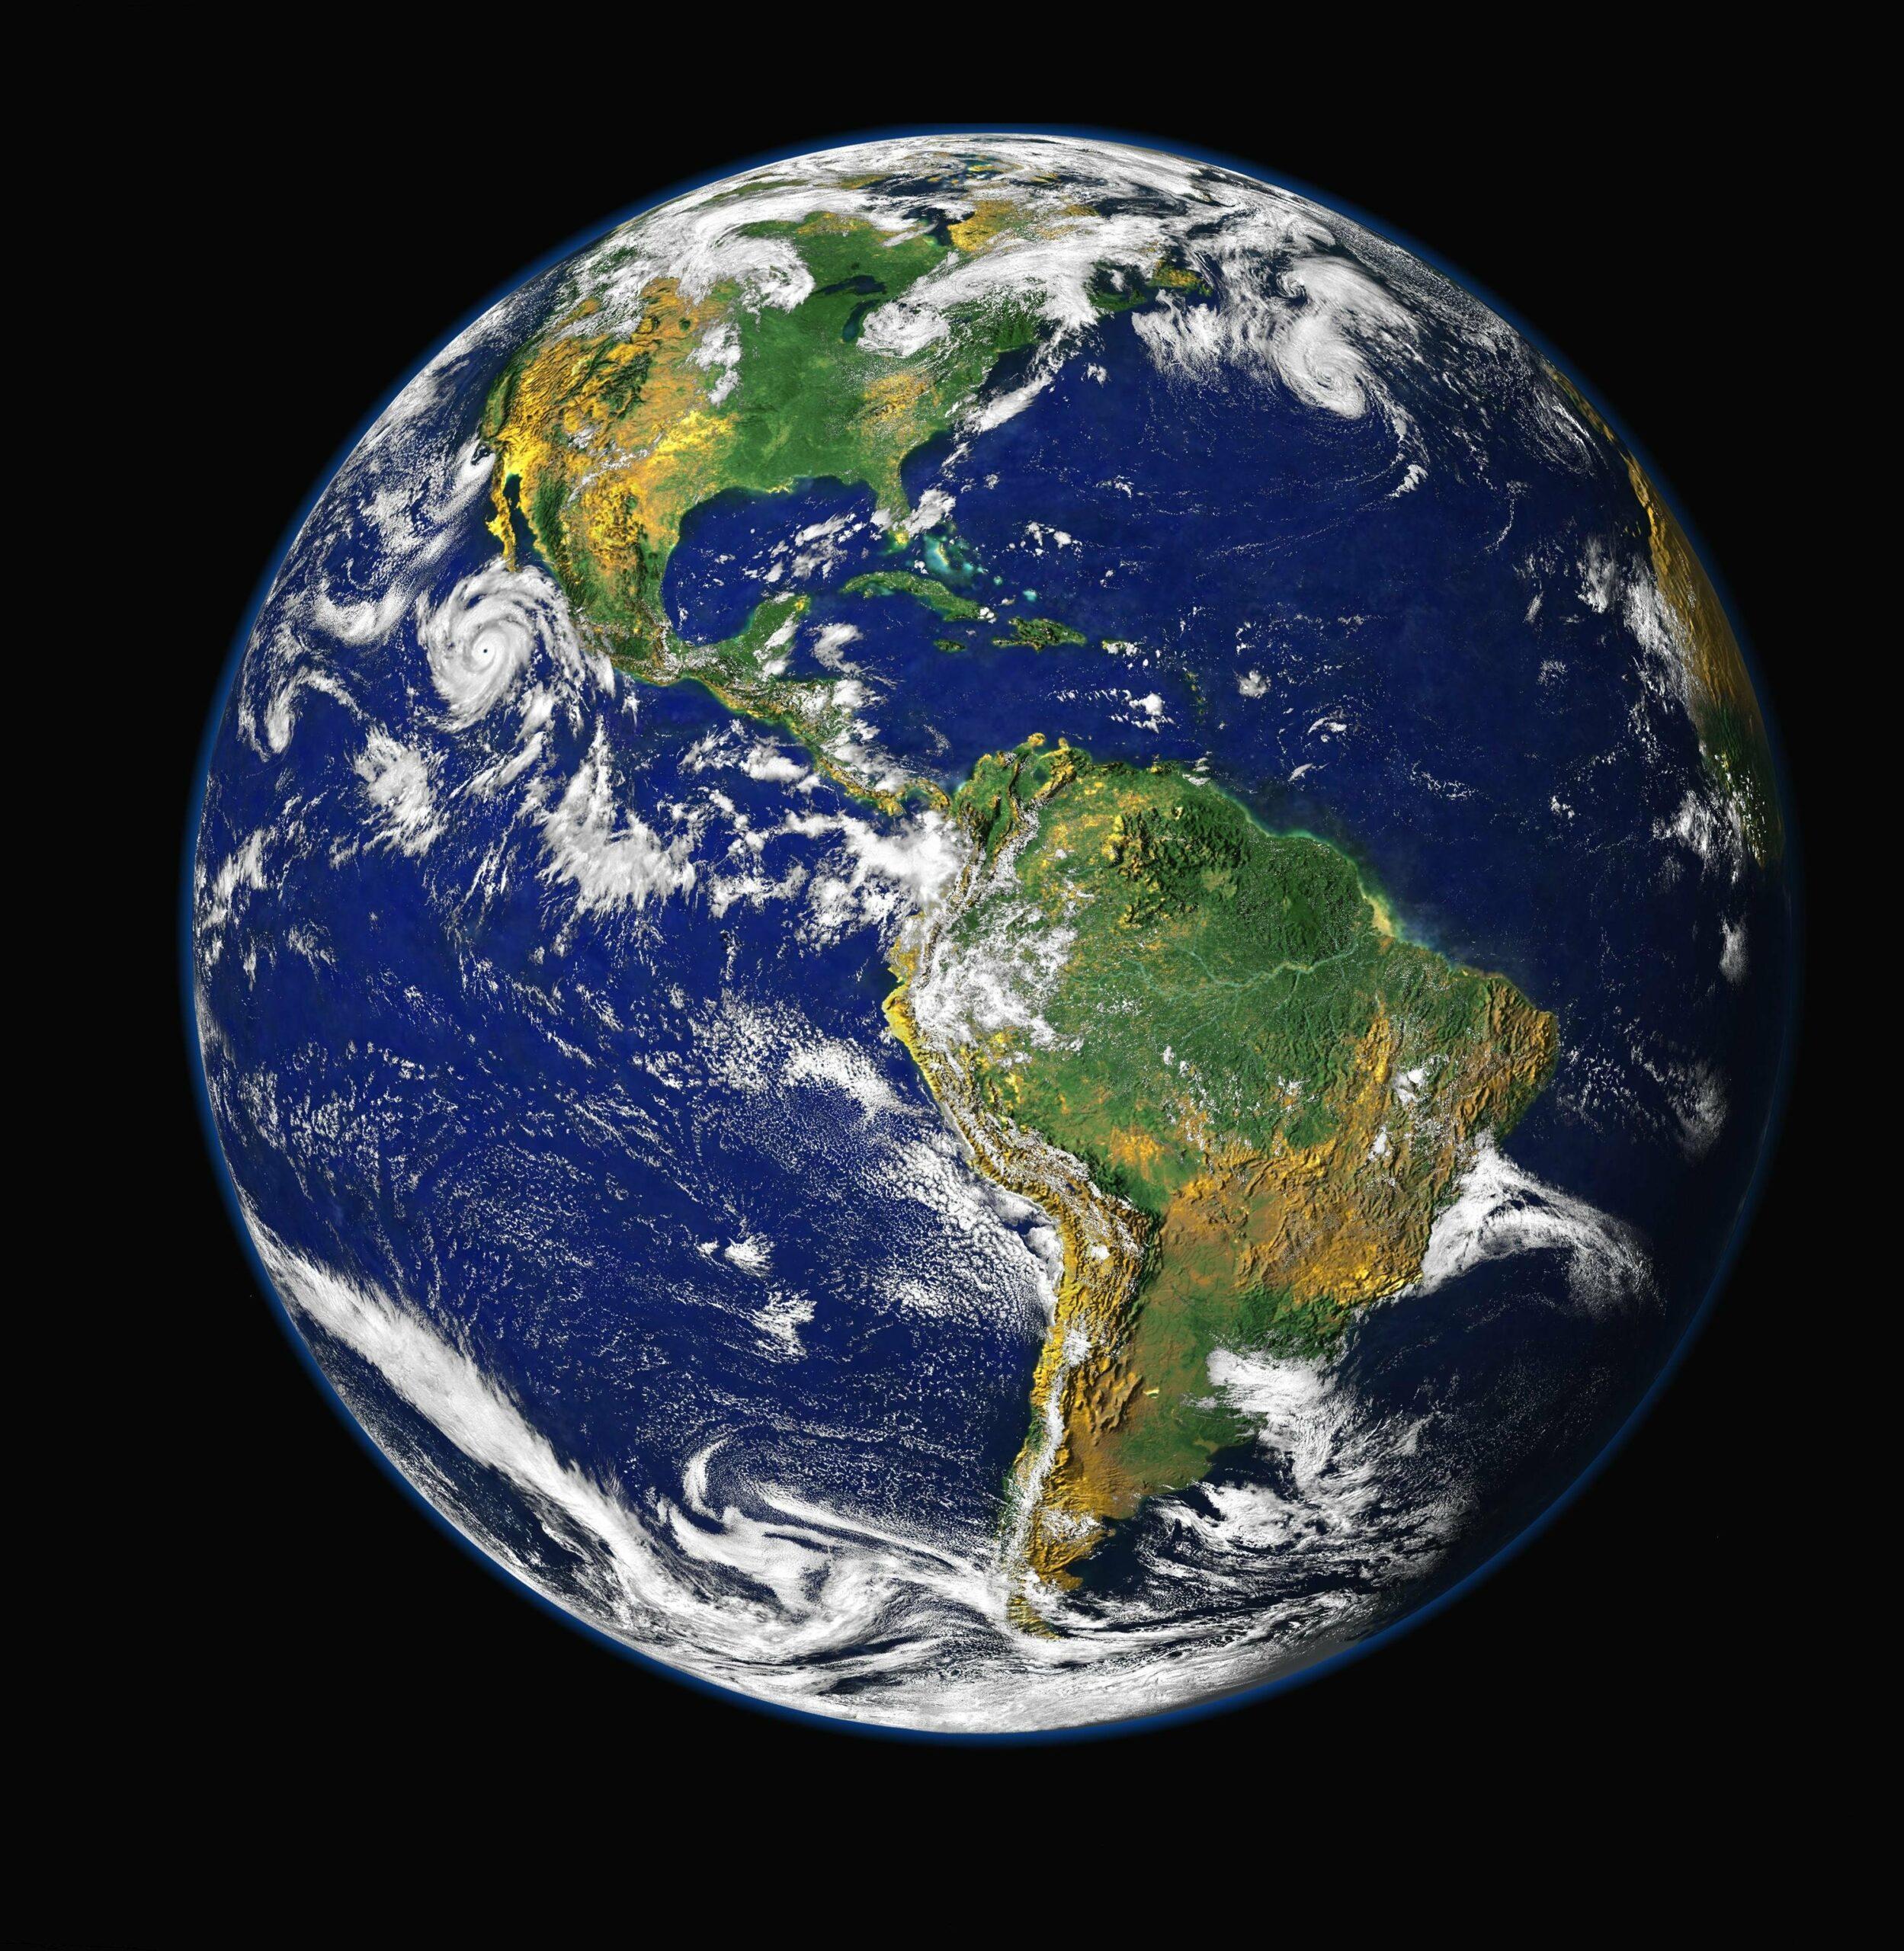 ¿Cuándo llegará la Era de Paz al Mundo? [prometida por la Virgen María]